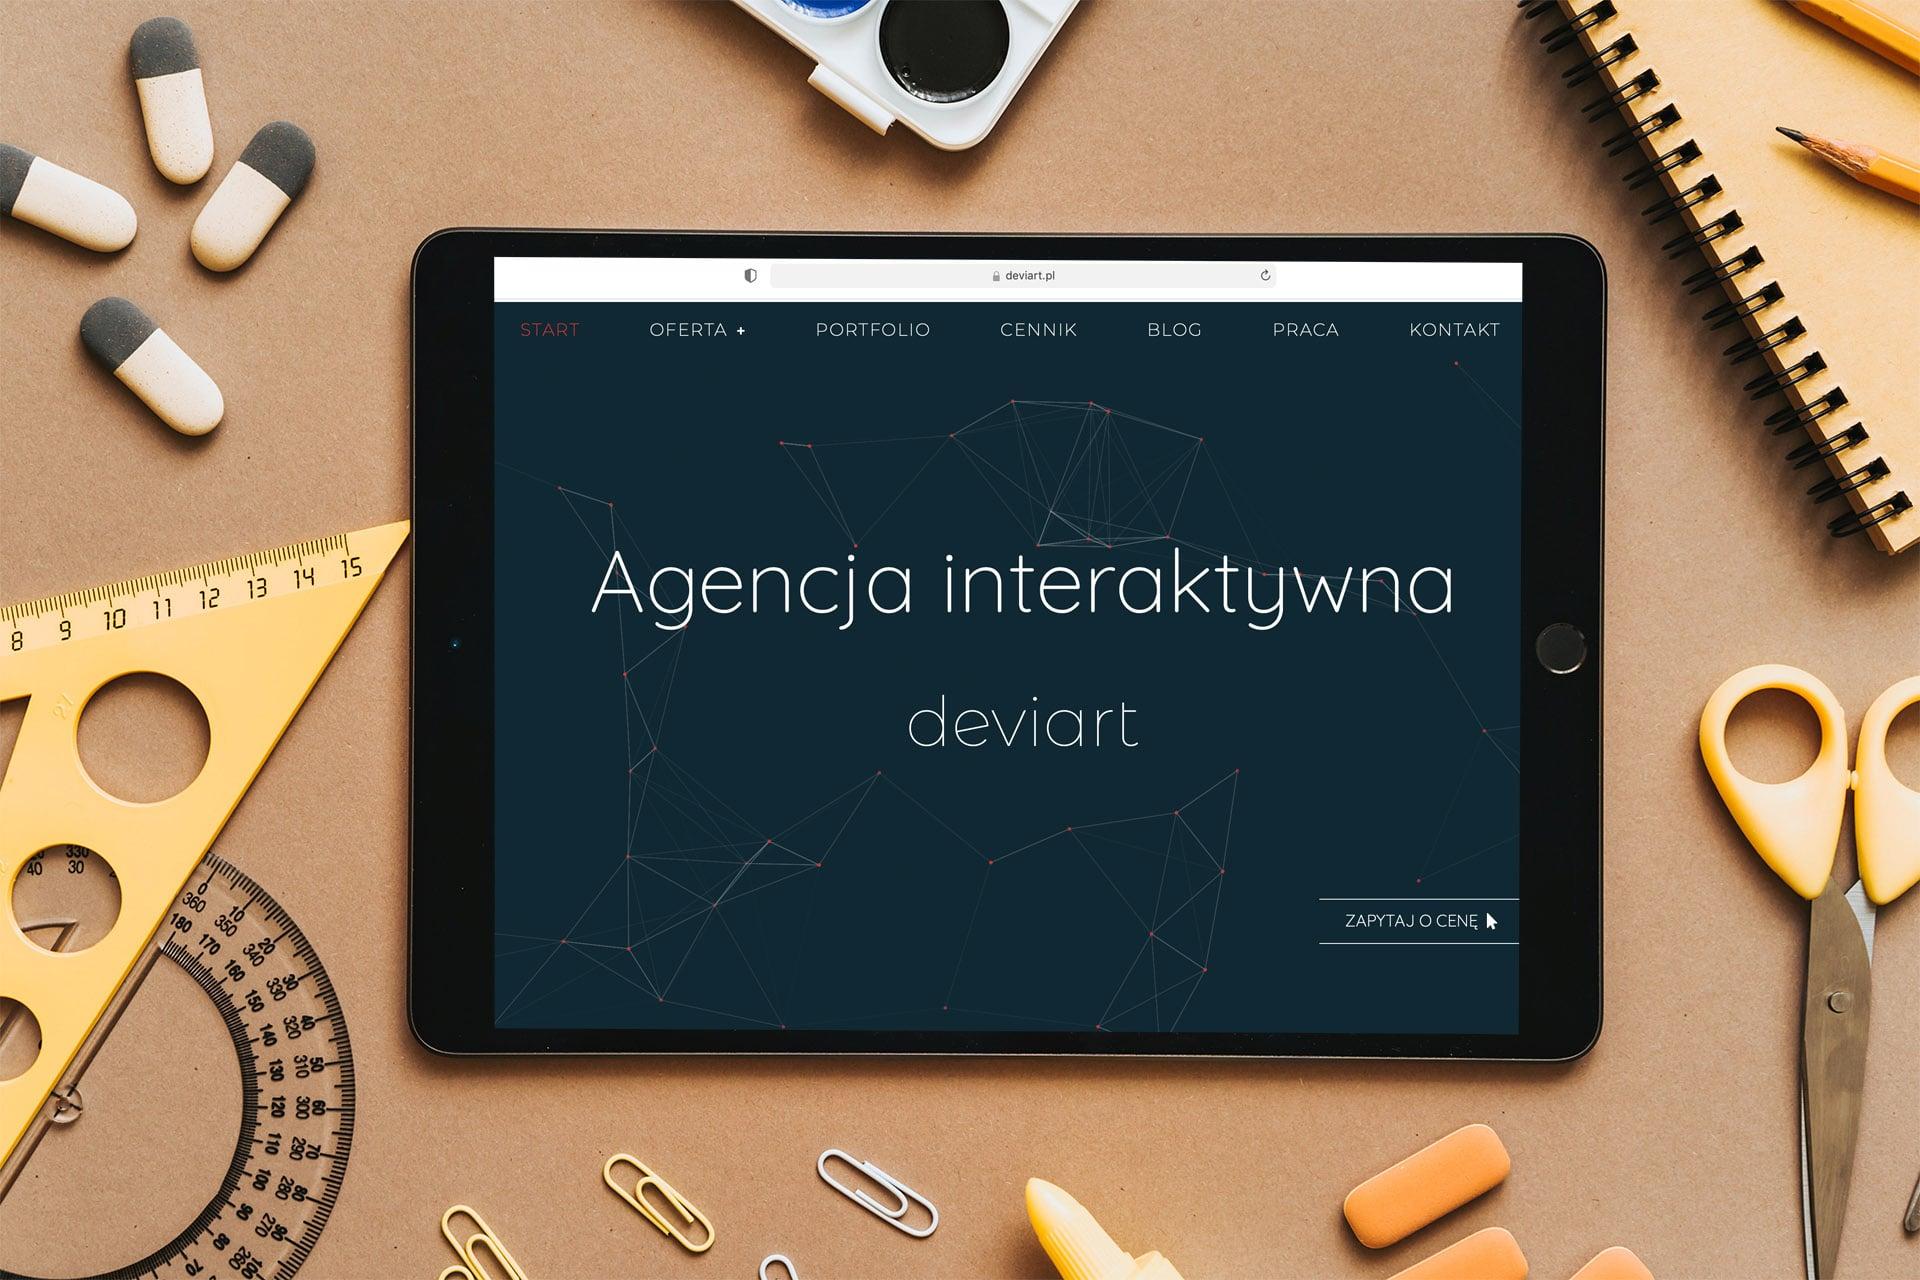 Strona internetowa otworzona na tablecie. Tablet leży na biurku. wokół tabletu leżą nożyczki, linijka, notesik, długopis.